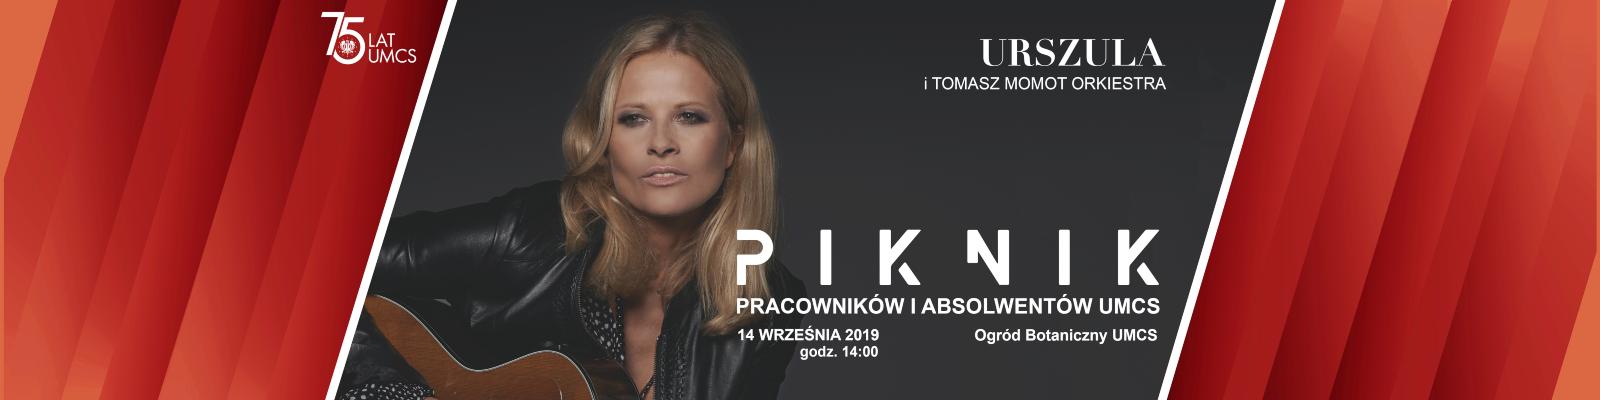 Urszula gwiazdą Pikniku dla Pracowników i Absolwentów!